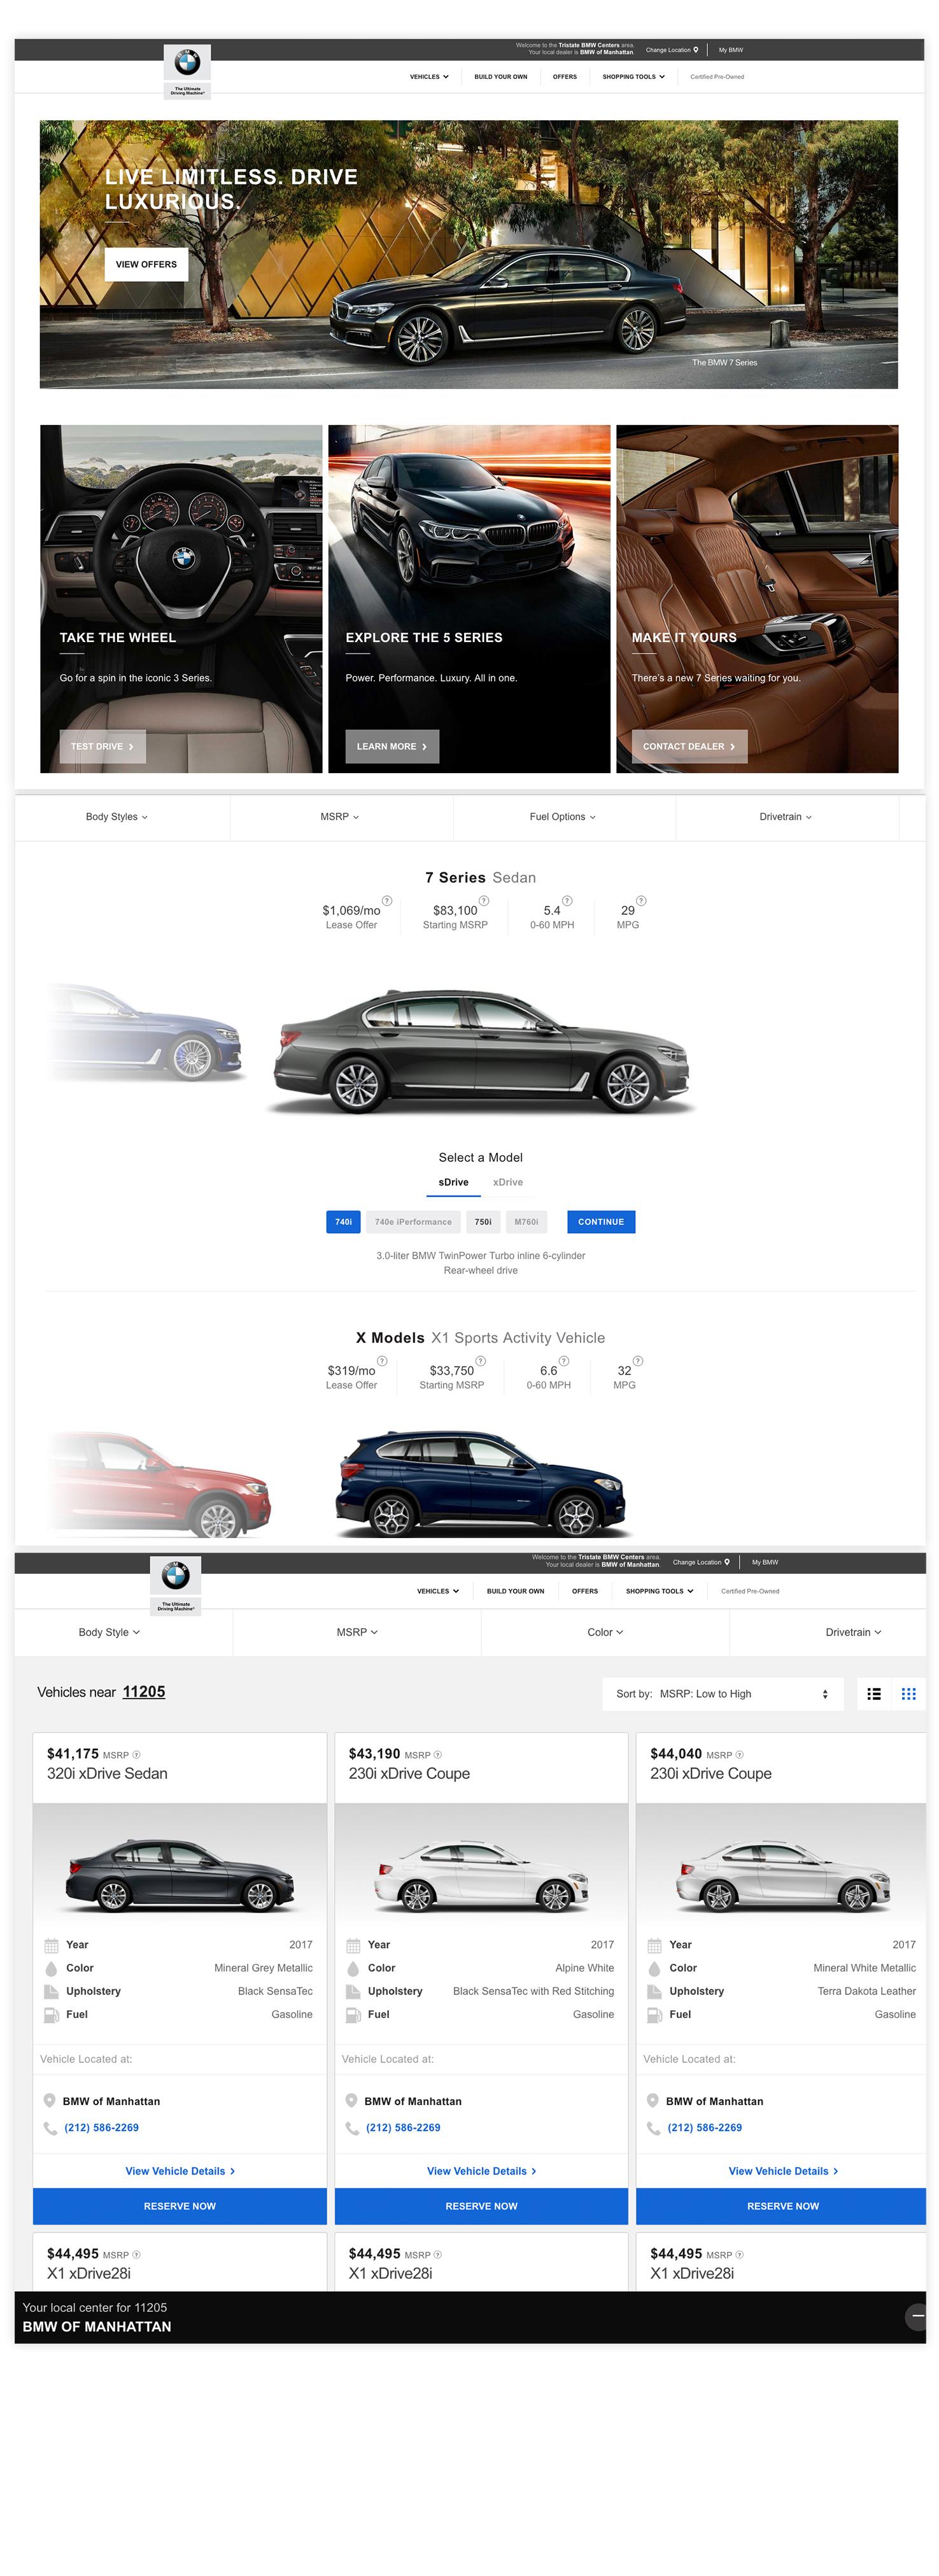 BMW_USA_B.jpg